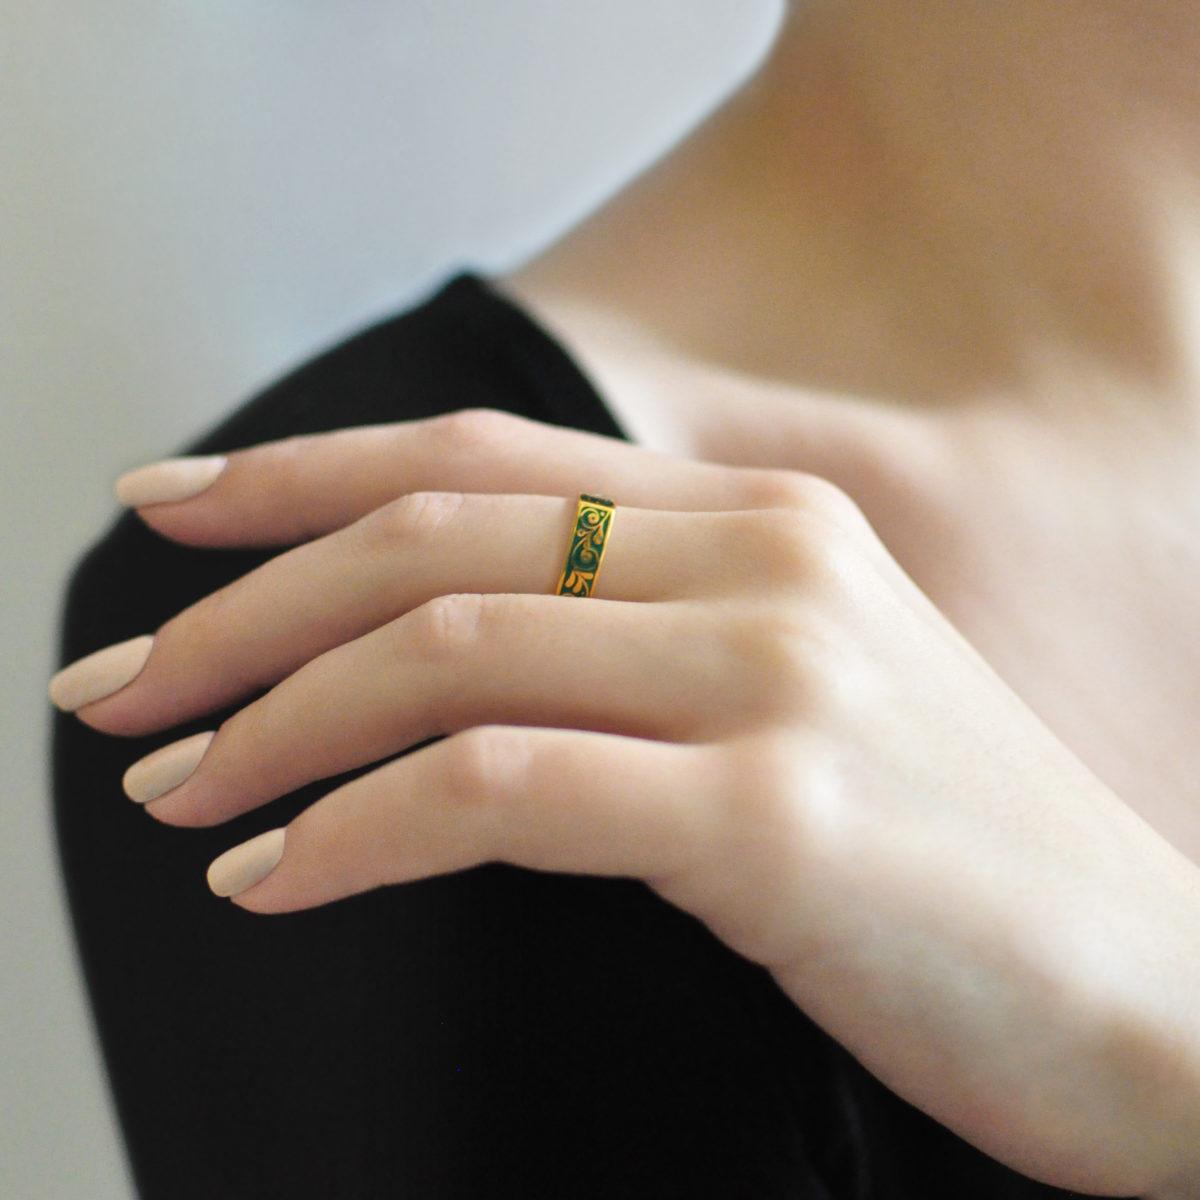 Zolochenie zelenaya 6 1200x1200 - Кольцо из серебра треугольное «Спас на крови» (золочение), зеленое